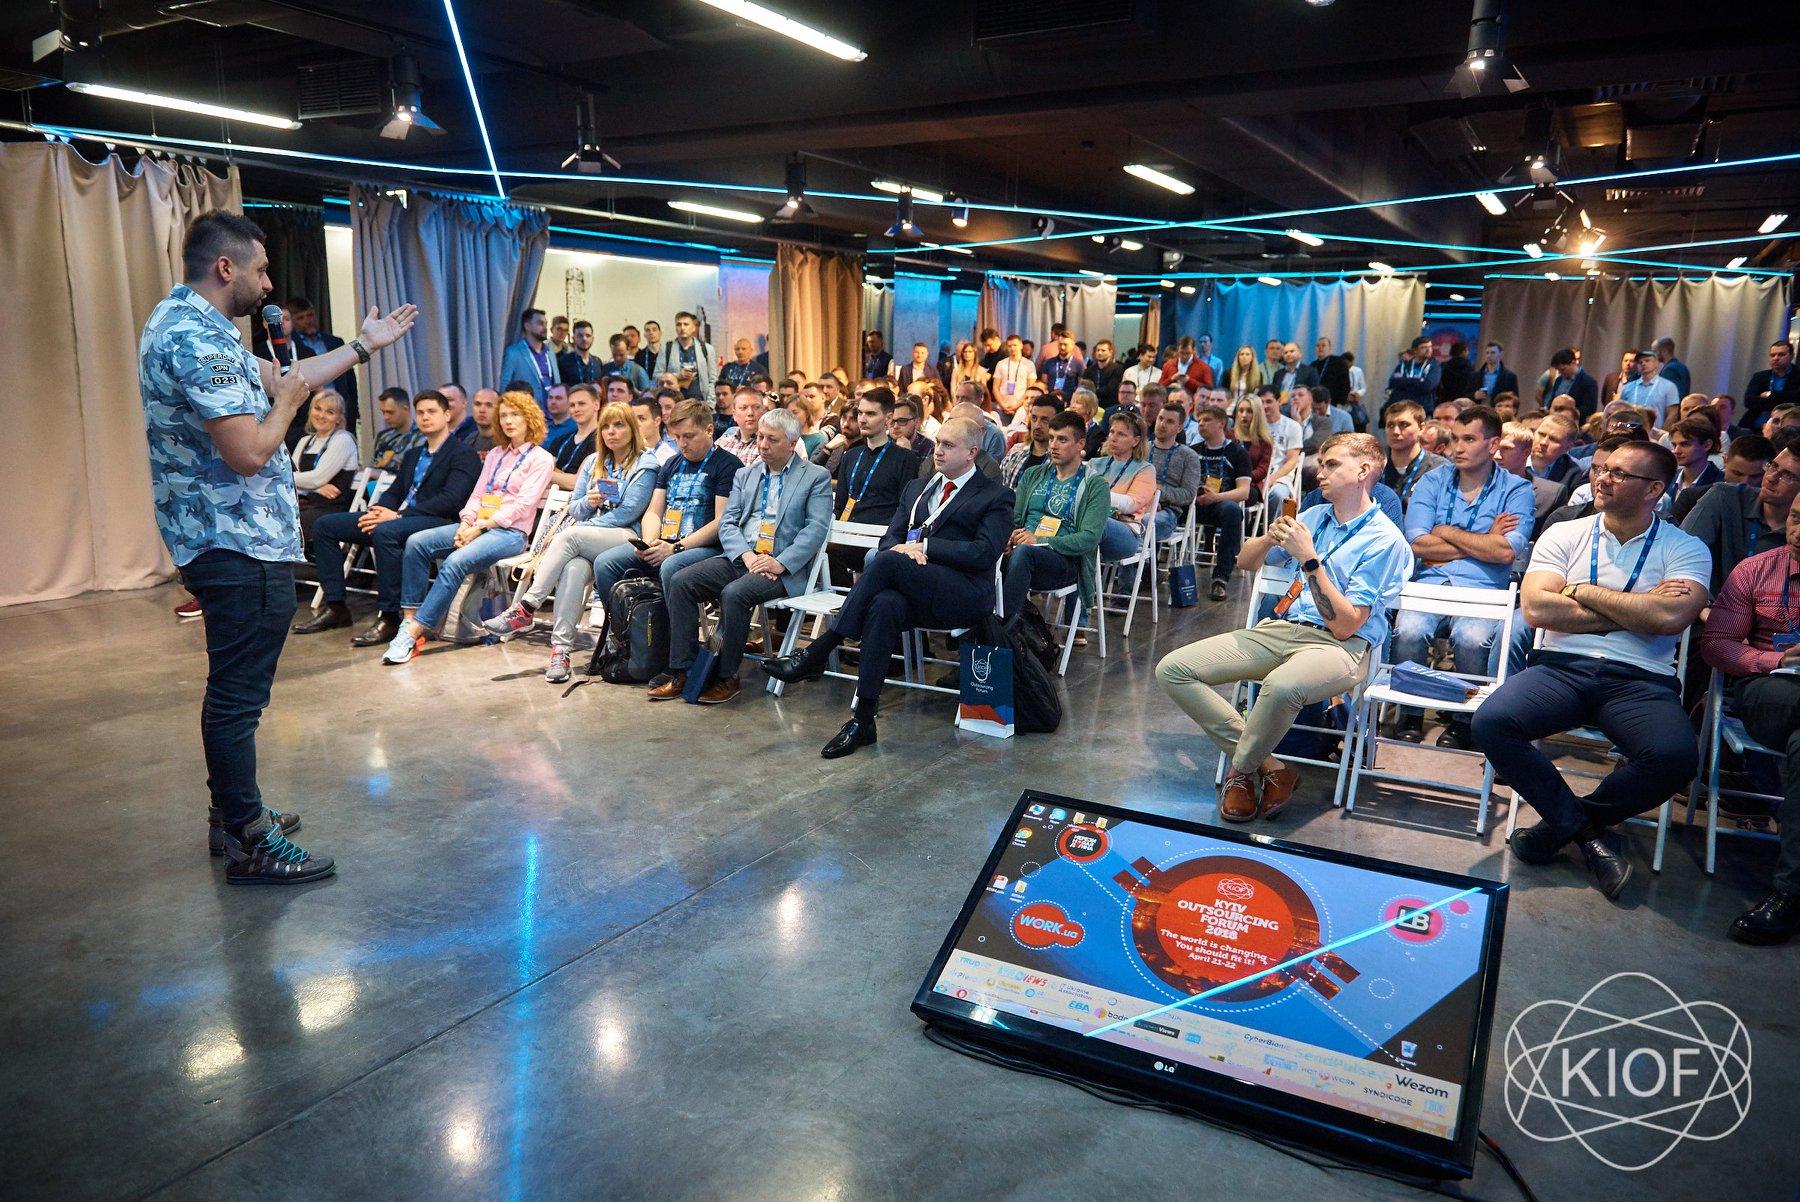 Как построить IT-бизнес в Украине? Спикеры из TemplateMonster, Insoft Capital и Sloboda Studio расскажут на Kyiv IT Outsourcing Forum